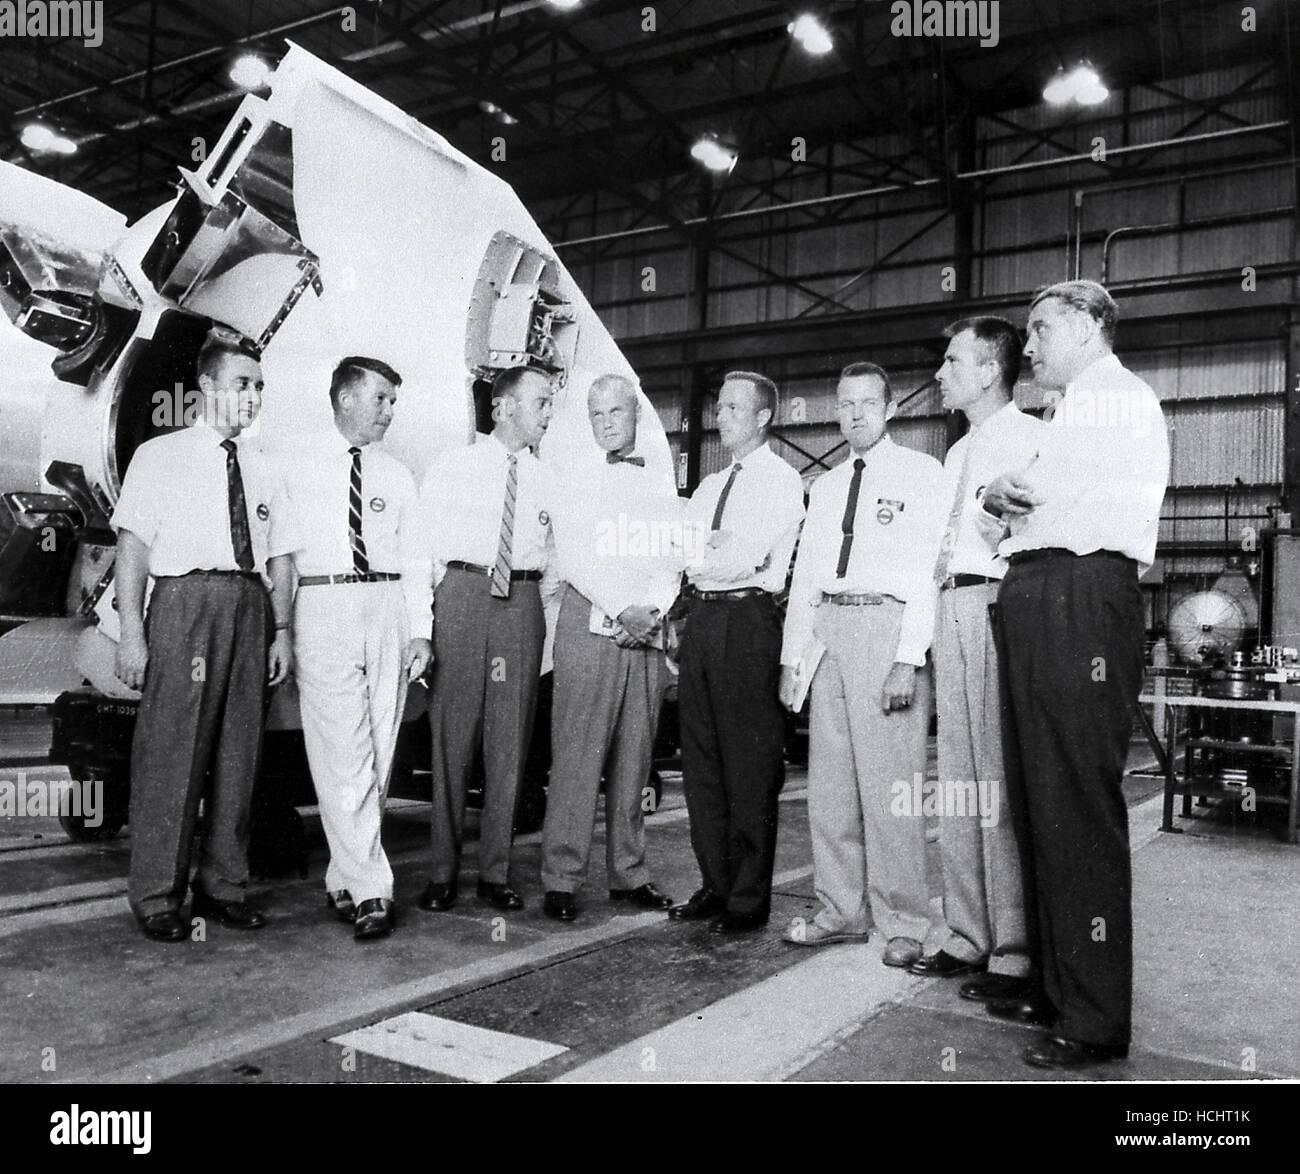 Dr. Wernher von Braun, Direktor der US-Army Ballistic Missile Agency (ABMA) Development Operations Division, zeigt die sieben ursprünglichen Mercury-Astronauten in ABMA Fabrication Laboratory briefing. (Links nach rechts) Guss Grissom, Walter Schirra, Alan Shepard, John Glenn, Scott Carpenter, Gordon Cooper, Donald Slayton und Dr. von Braun.Credit: NASA mittels CNP - NO-Draht-SERVICE - Foto: Nasa/Consolidated News Fotos/NASA über CNP Stockfoto